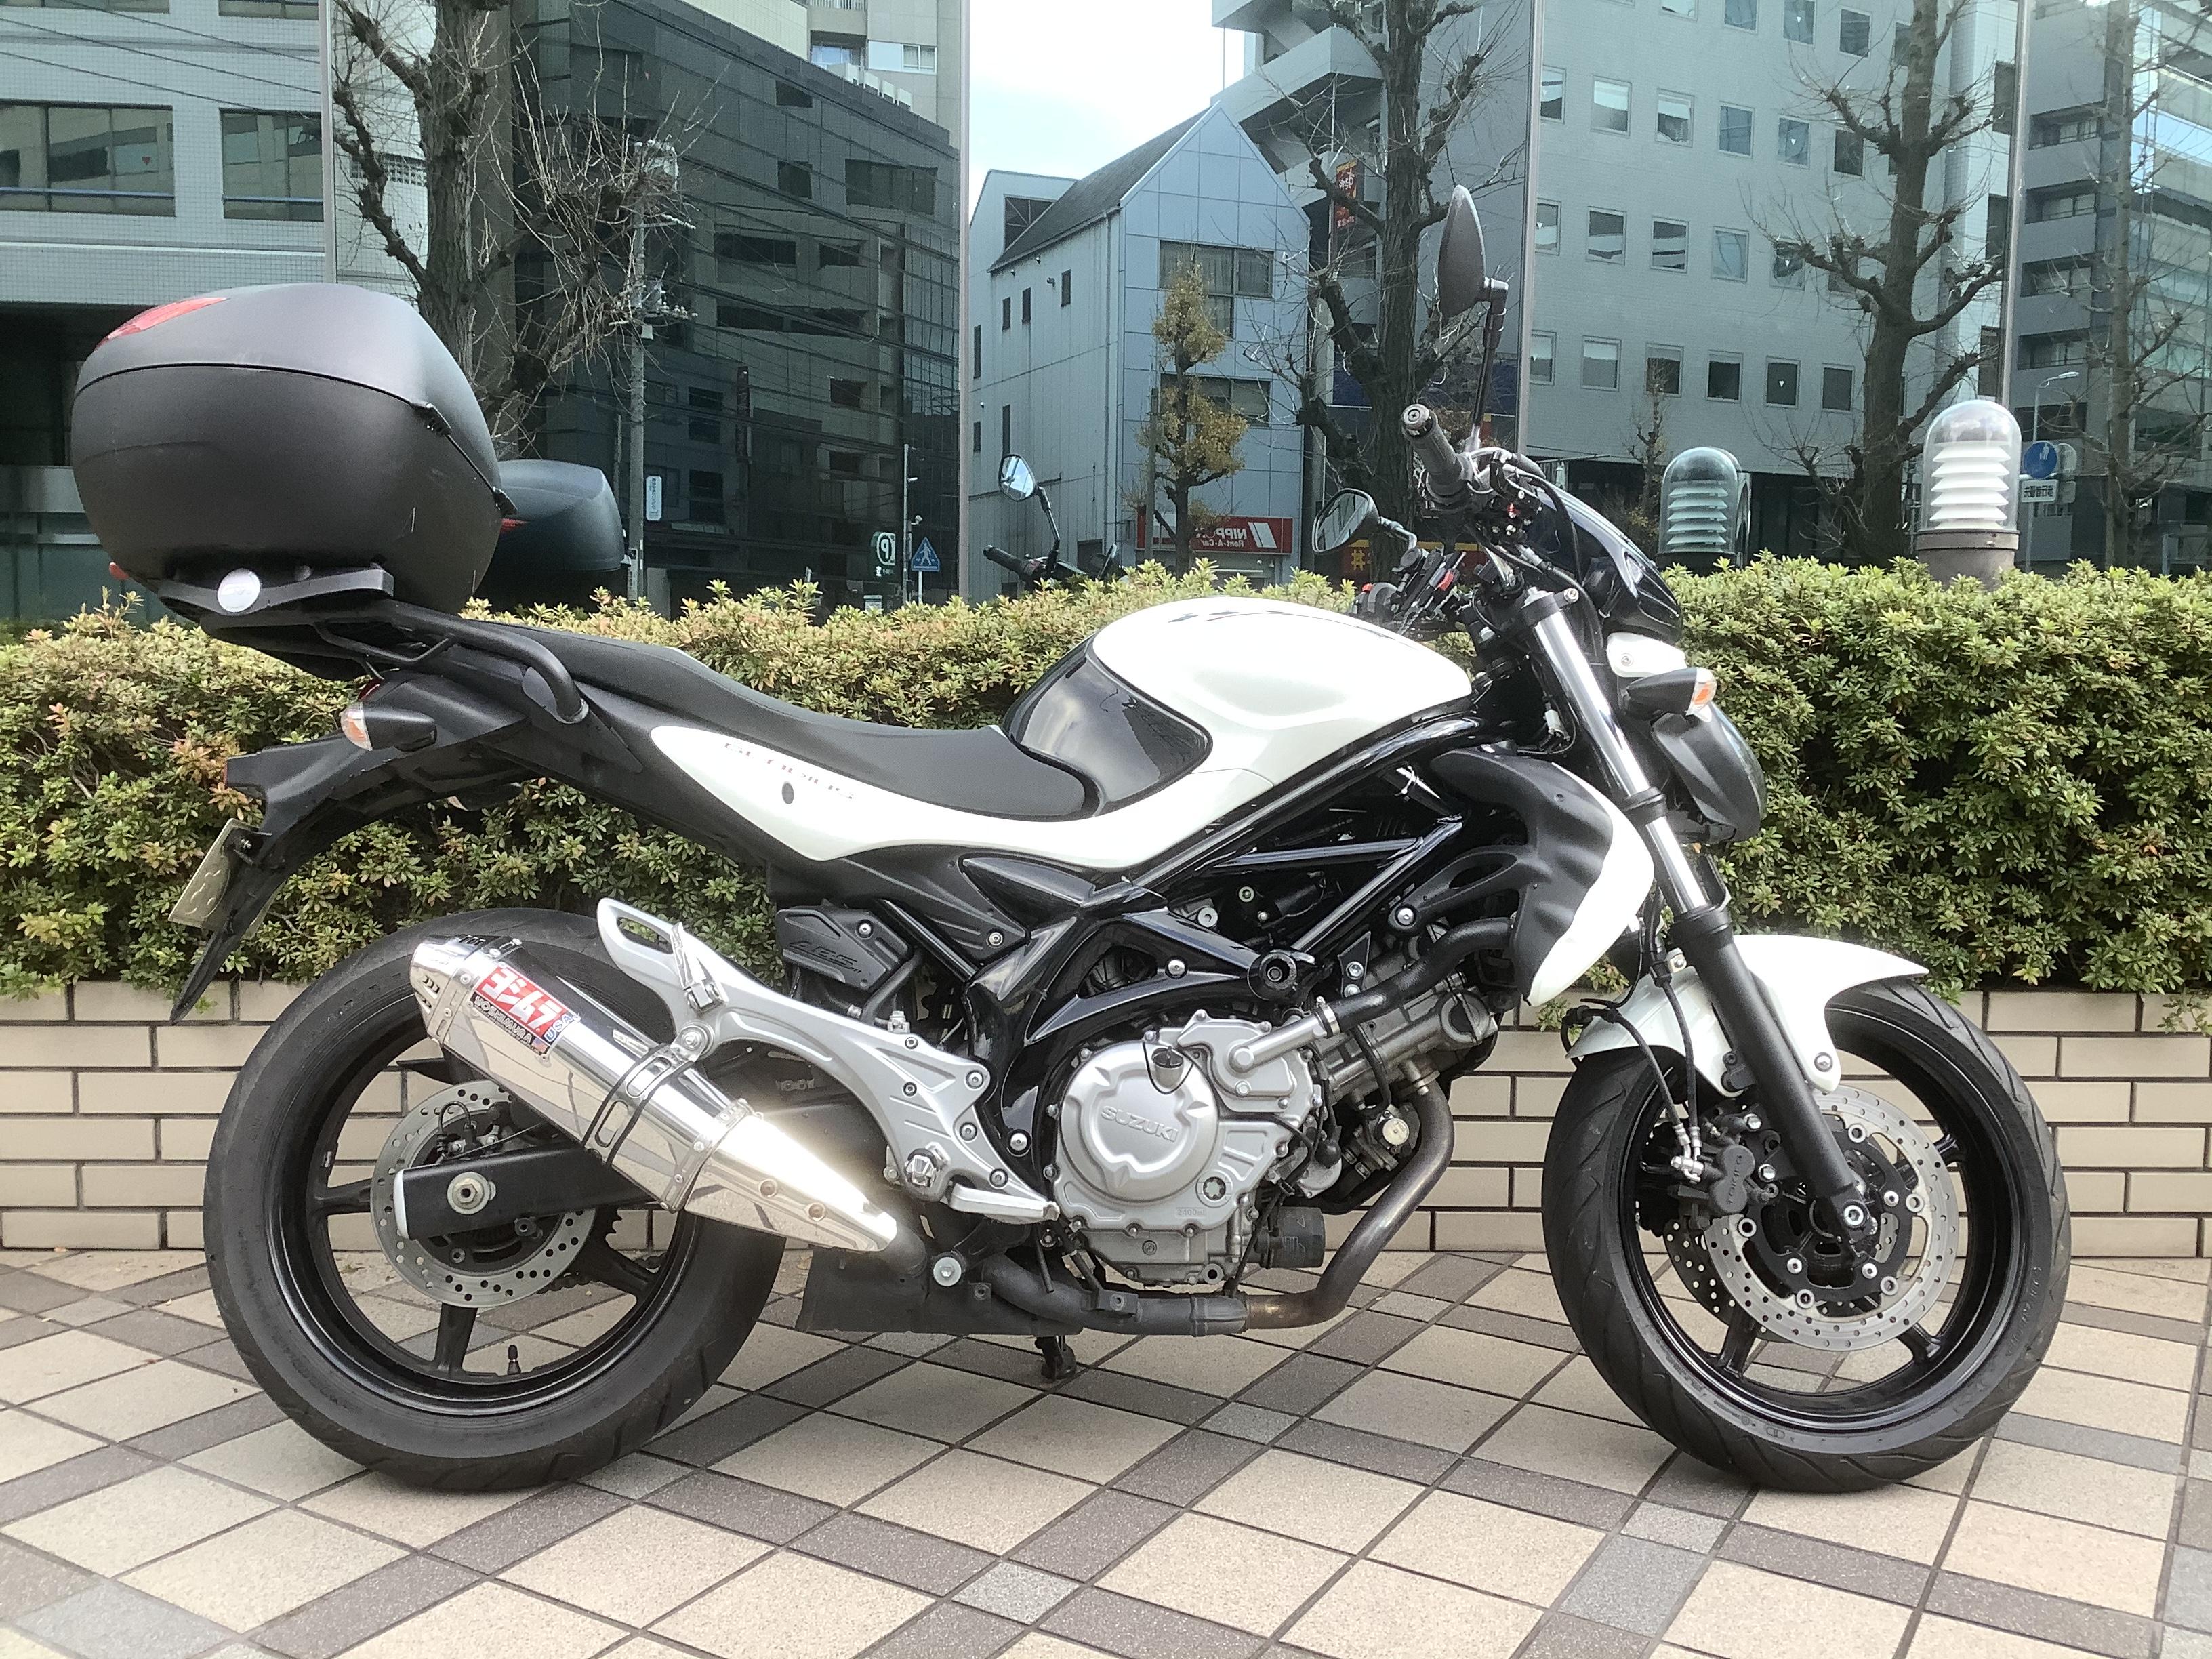 グラディウス400ABS(HN-00) - 【公式】レンタルバイクのベストBike® 上野駅前